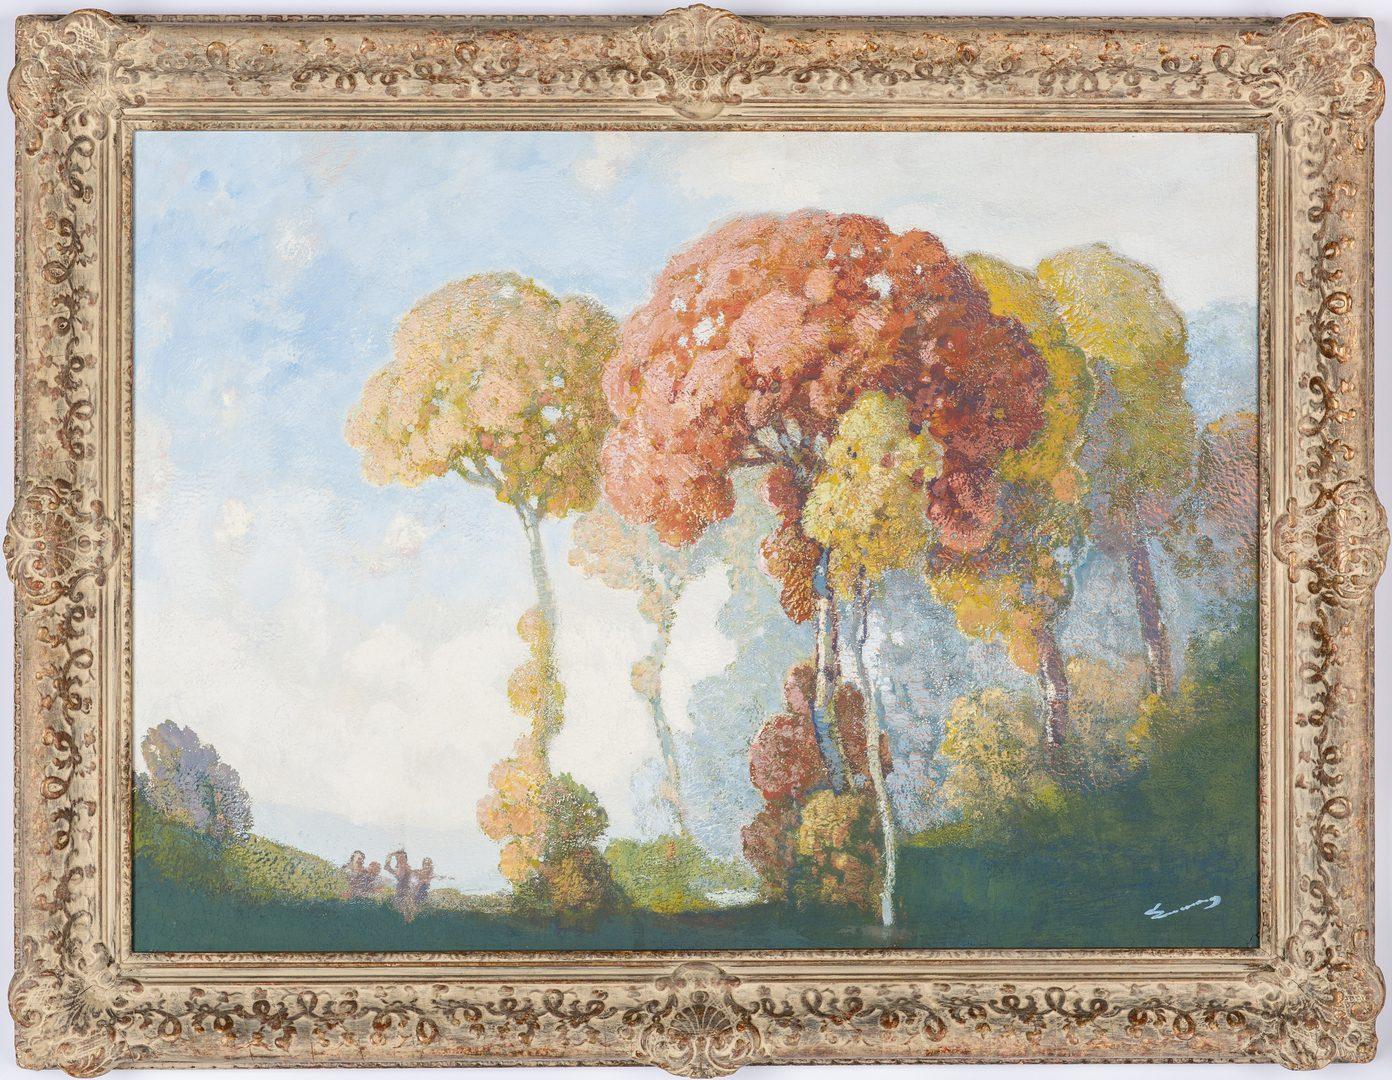 Lot 100: William Emerson Tonalist Landscape